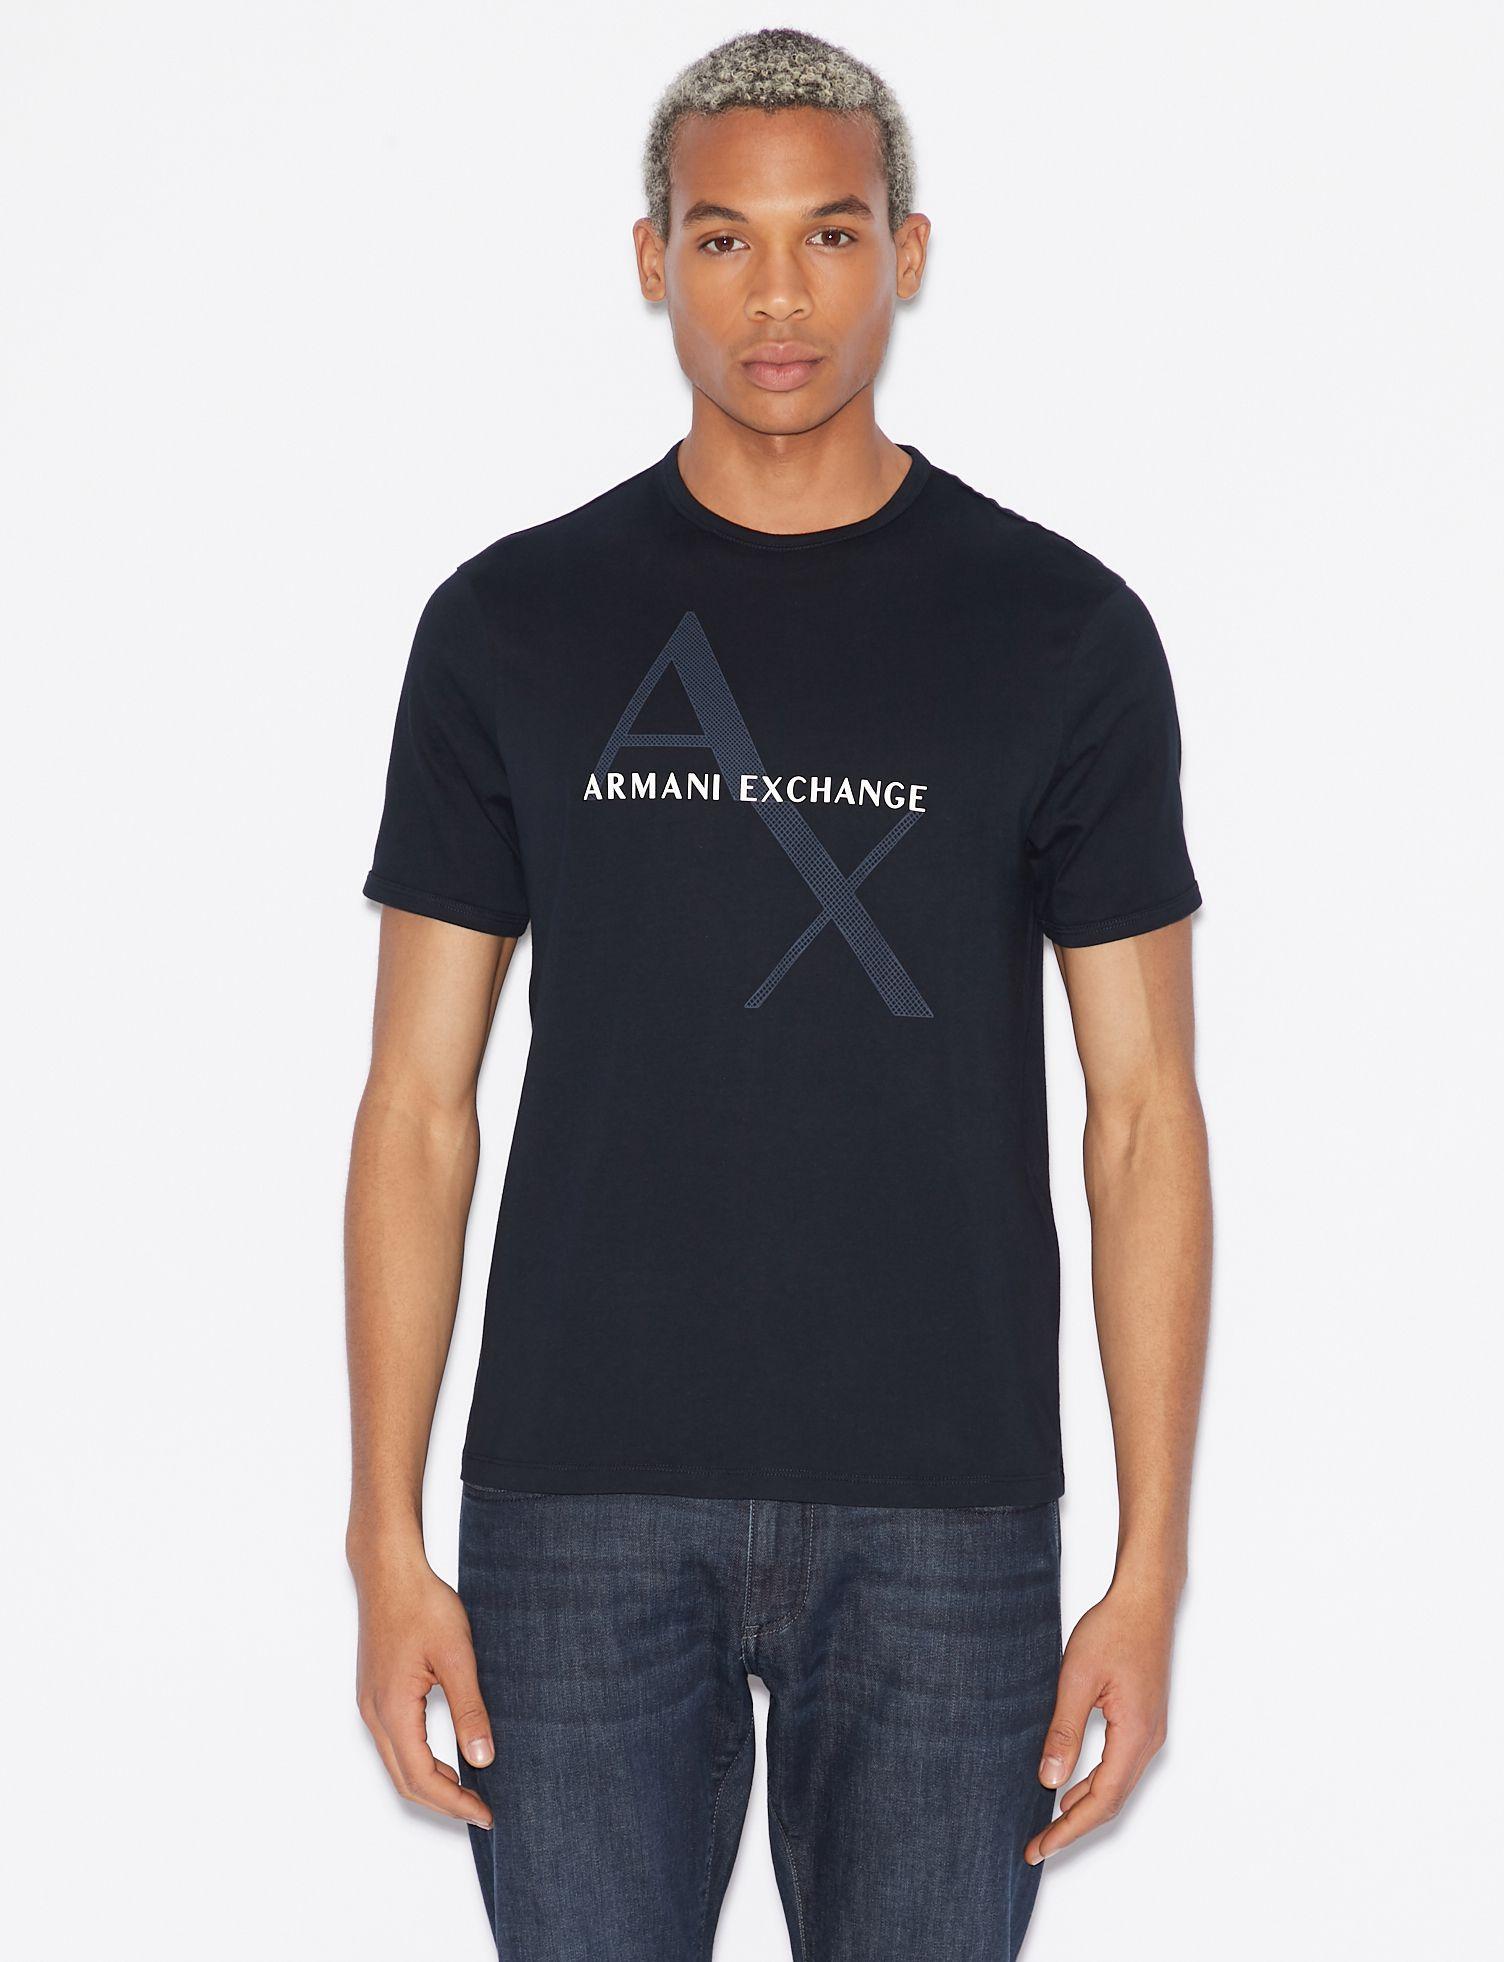 T-shirt Armani Exchange ARMANI EXCHANGE   T-shirt   8NZT76-Z8H4Z05EA